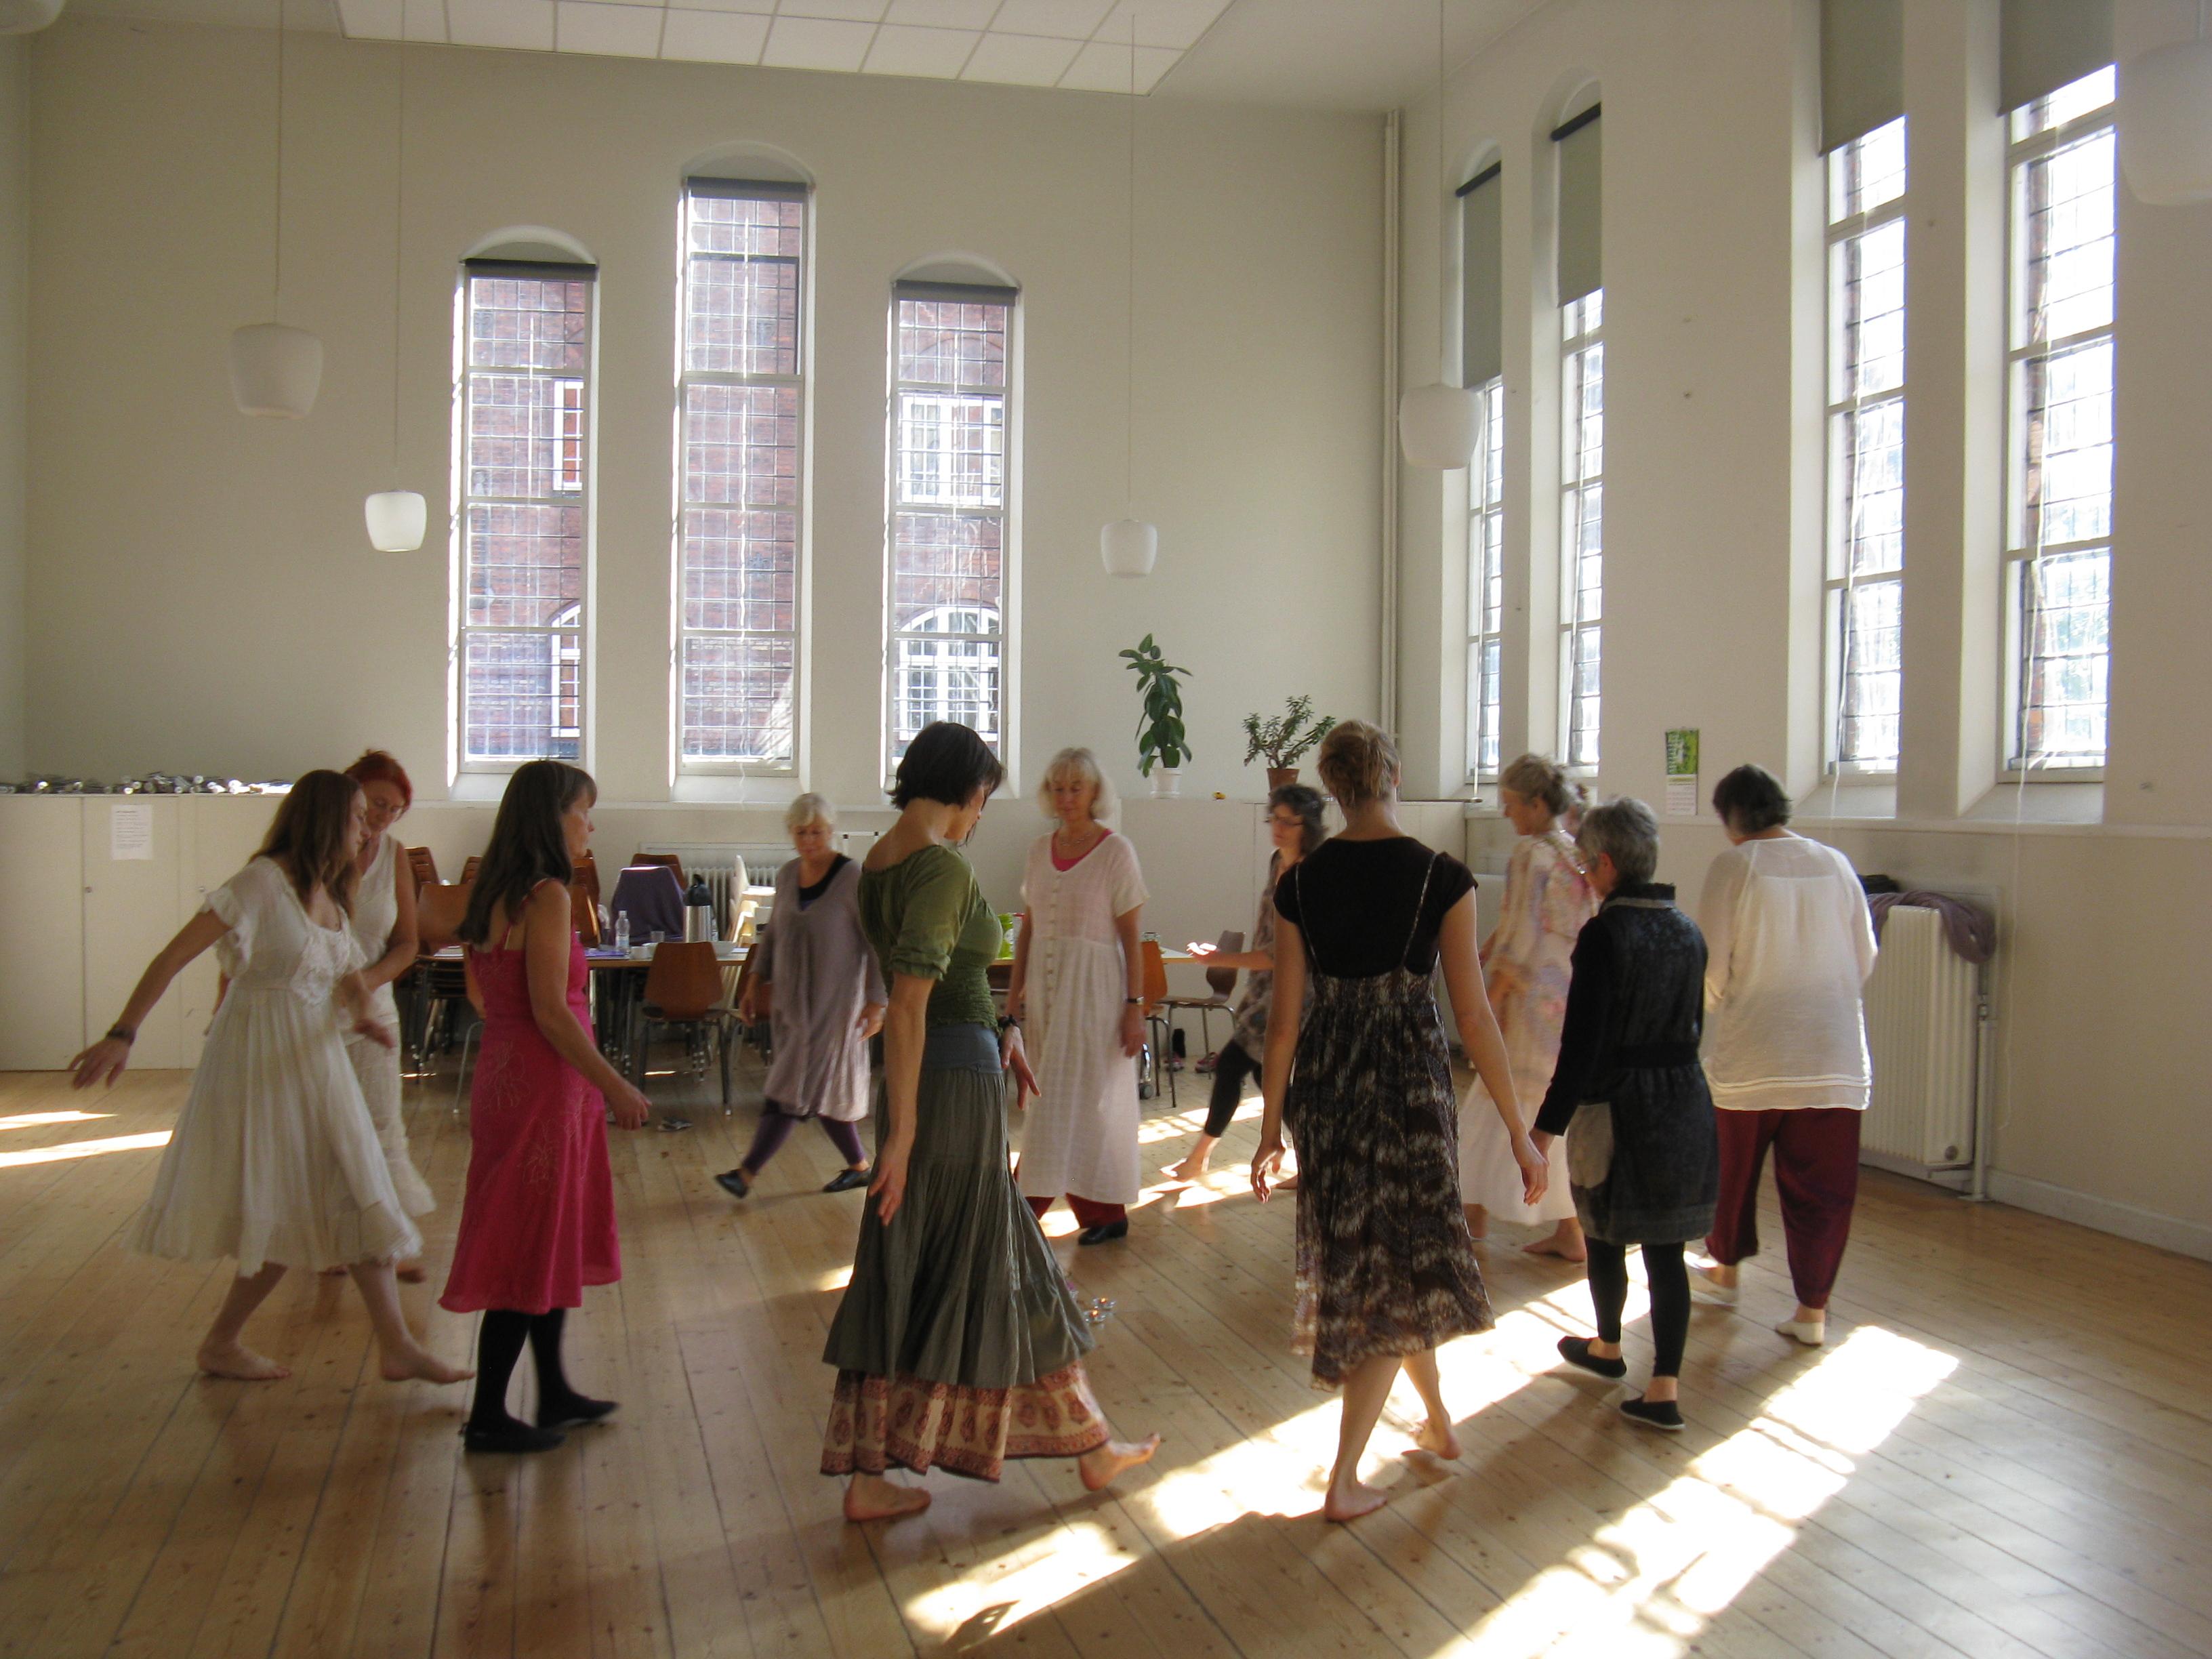 Dansere fra den første Grunduddannelse i hellige cirkeldanse september 2011